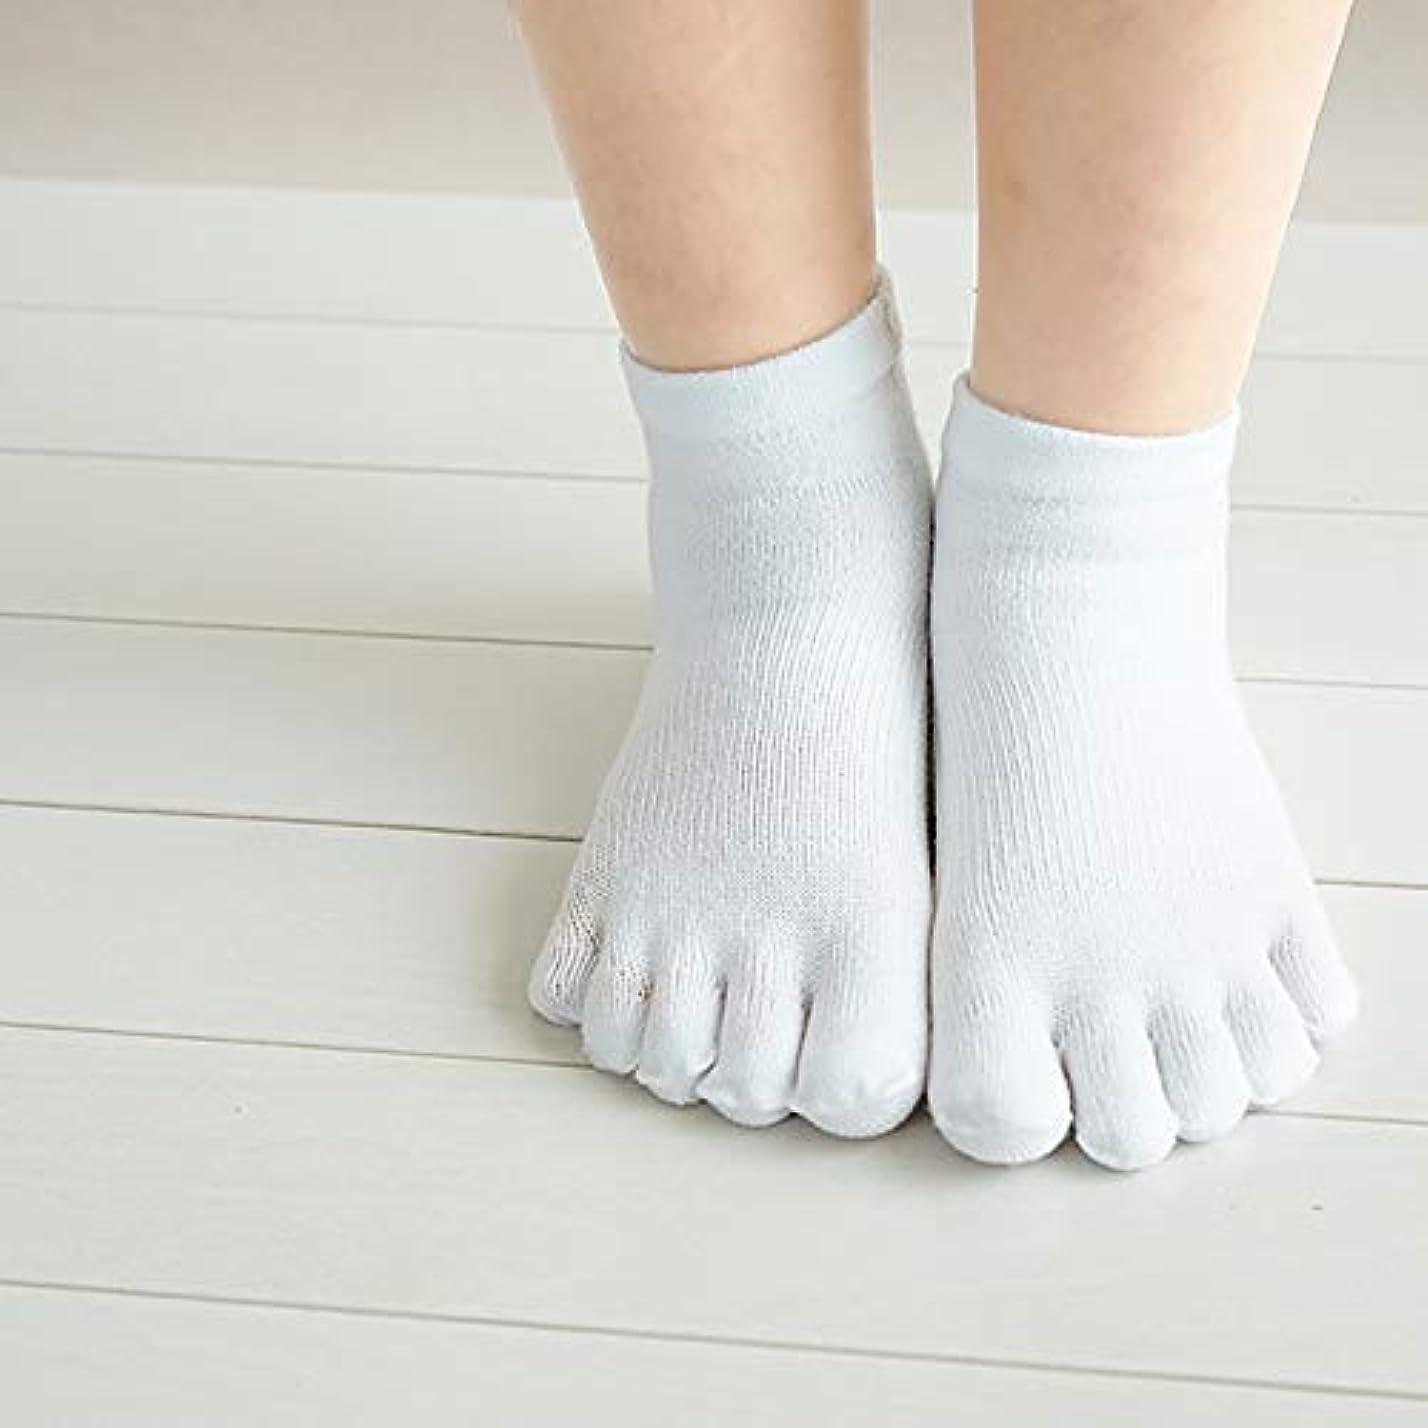 蒸留する開示するクリークゆびのばソックス Neo アズキッズ ホワイト 幼児用靴下 5本指ソックス